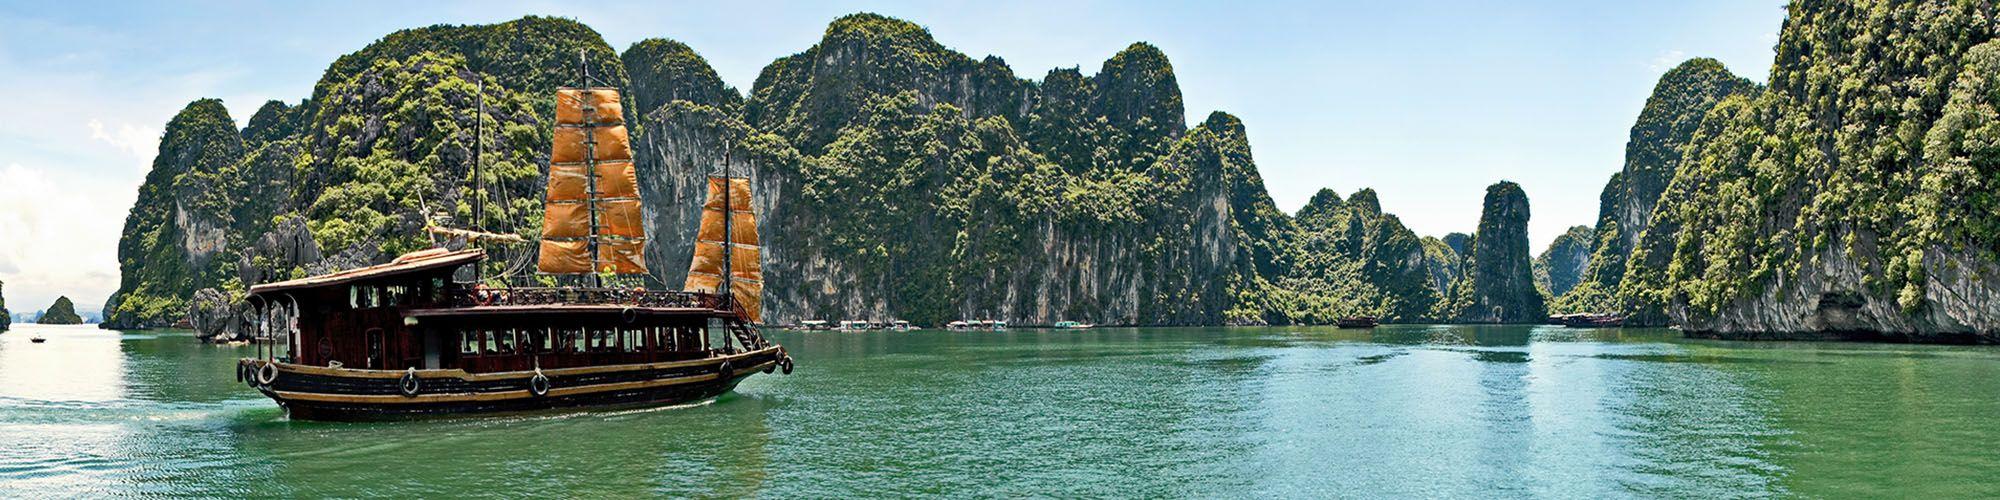 Vietnam, Ha Long Bucht, Junk